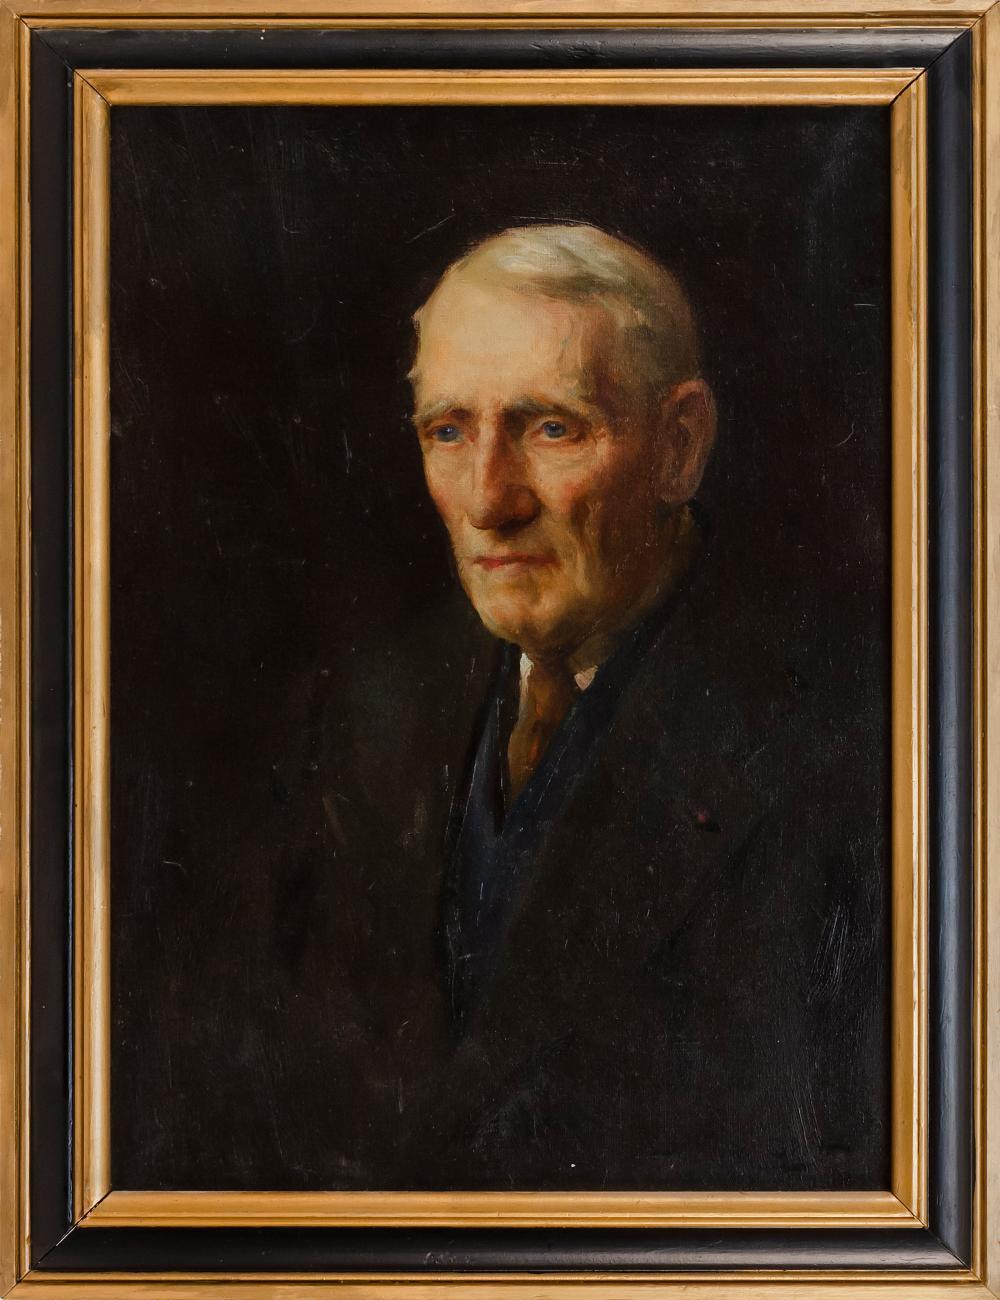 """HAROLD MATTHEWS BRETT, Massachusetts/New York, 1880-1955, """"Portrait of Tommy Shattuck""""., Oil on canvas, 26"""" x 18"""". Framed 30"""" x 22.5""""."""